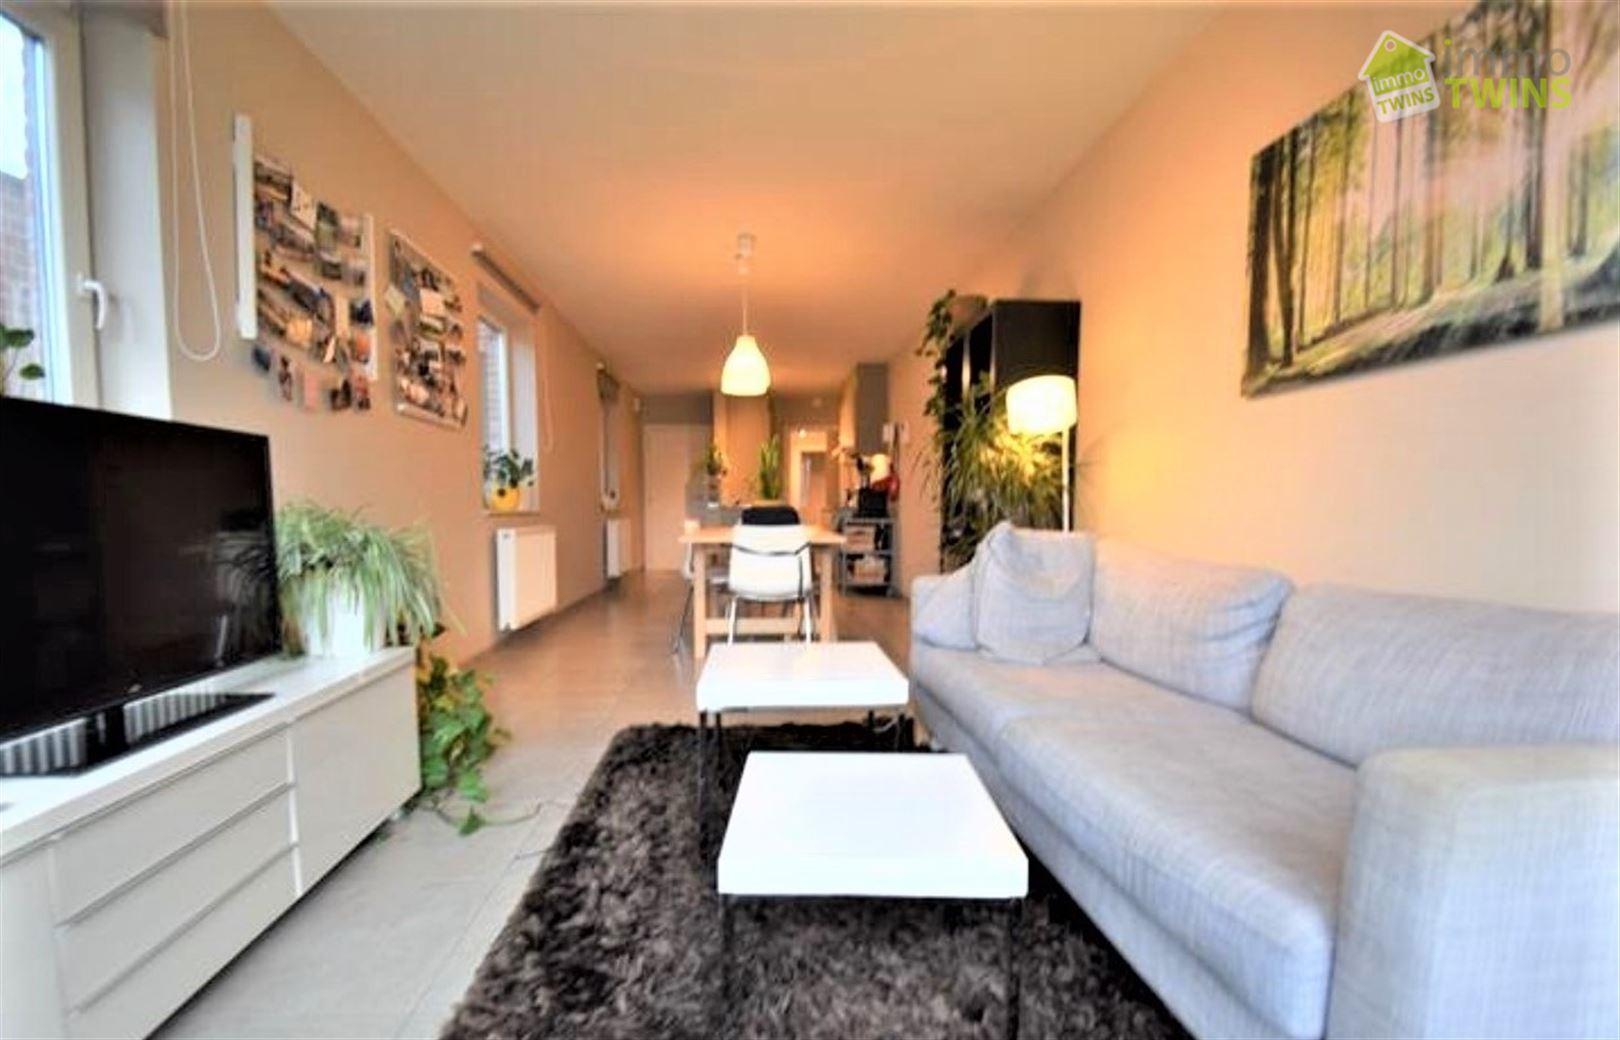 Foto 4 : Appartement te 9200 APPELS (België) - Prijs € 600